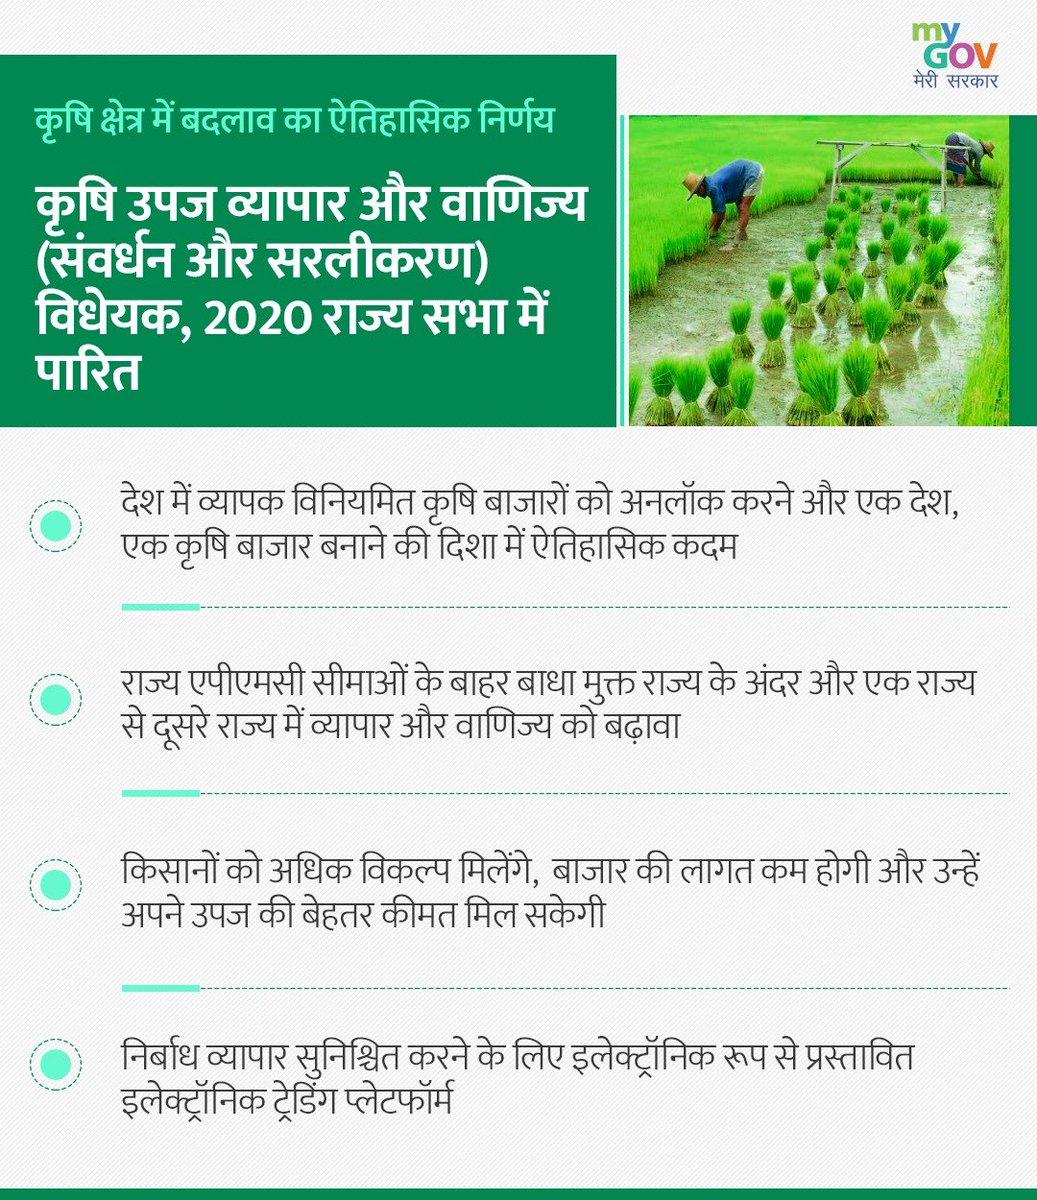 कृषि उपज व्यापार और वाणिज्य (संवर्धन और सरलीकरण) विधेयक, 2020 राज्य सभा में पारित। #AatmaNirbharKrishi #JaiKisan #KisanWithPMModi